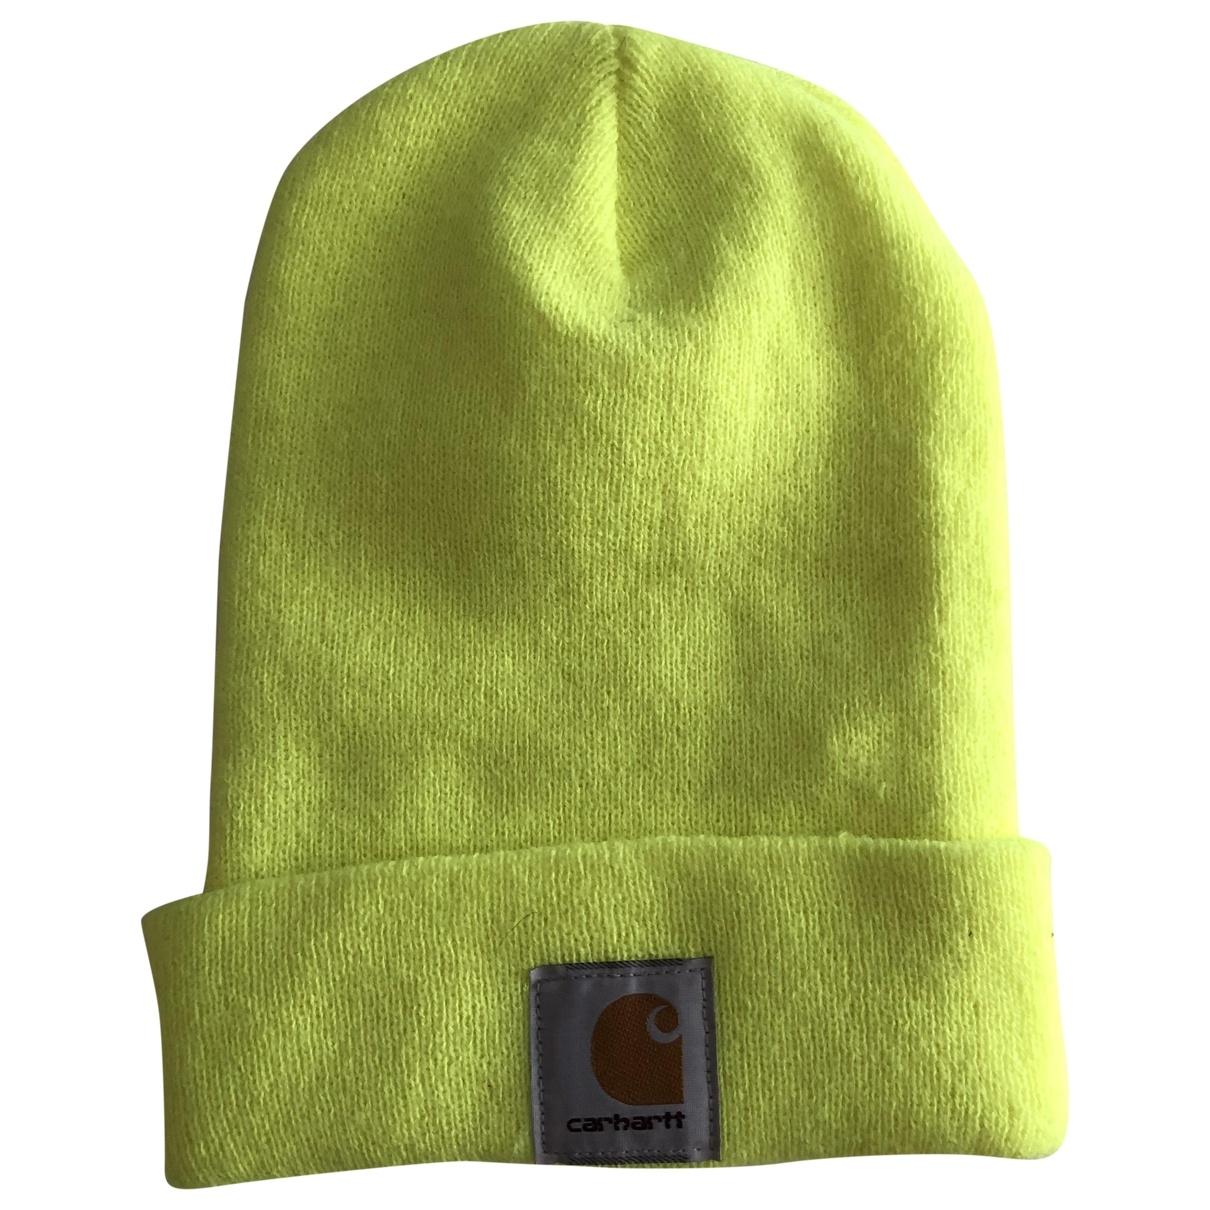 Carhartt - Chapeau & Bonnets   pour homme - jaune